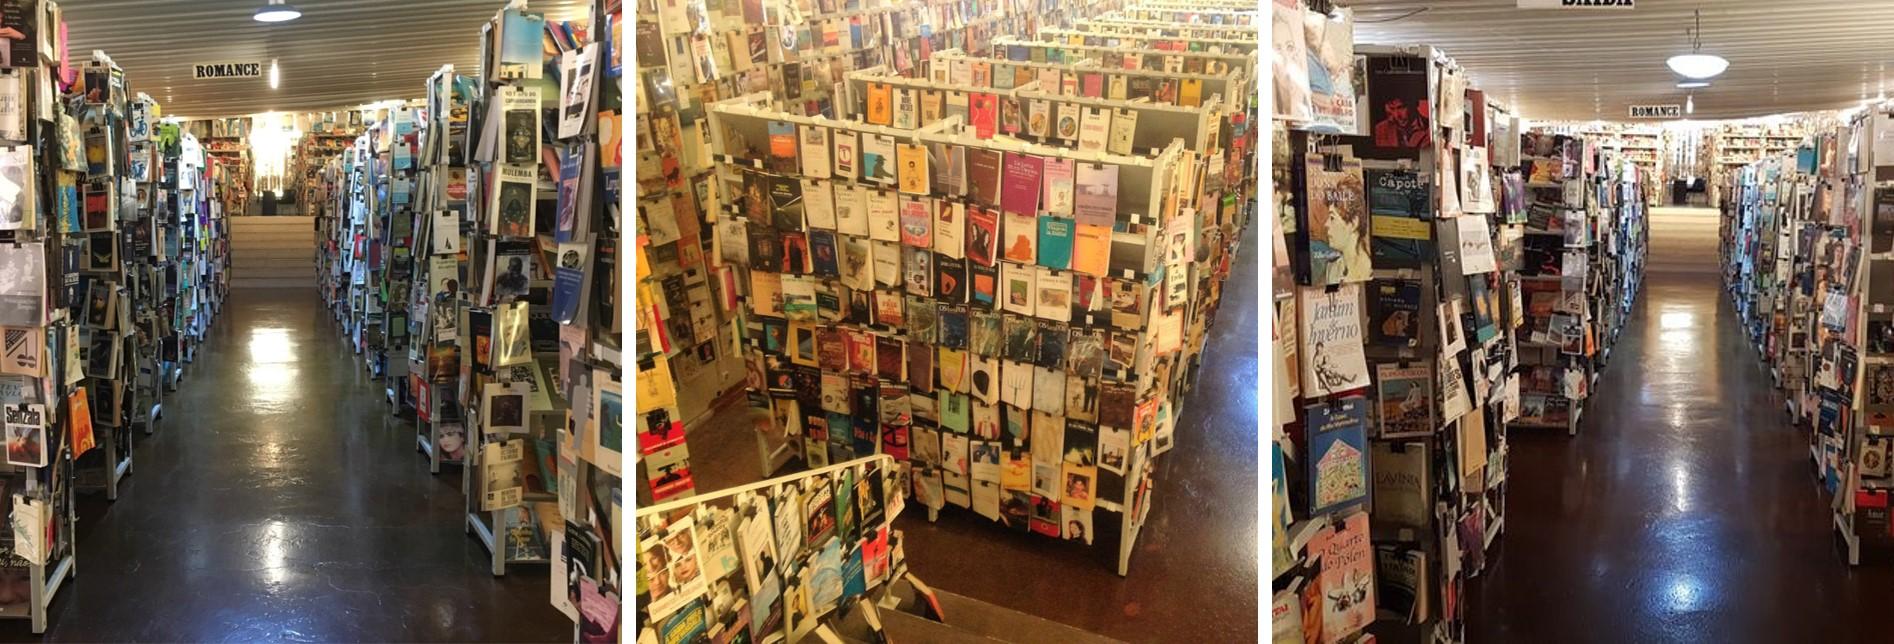 Livraria Esperança - Funchal Bookstore